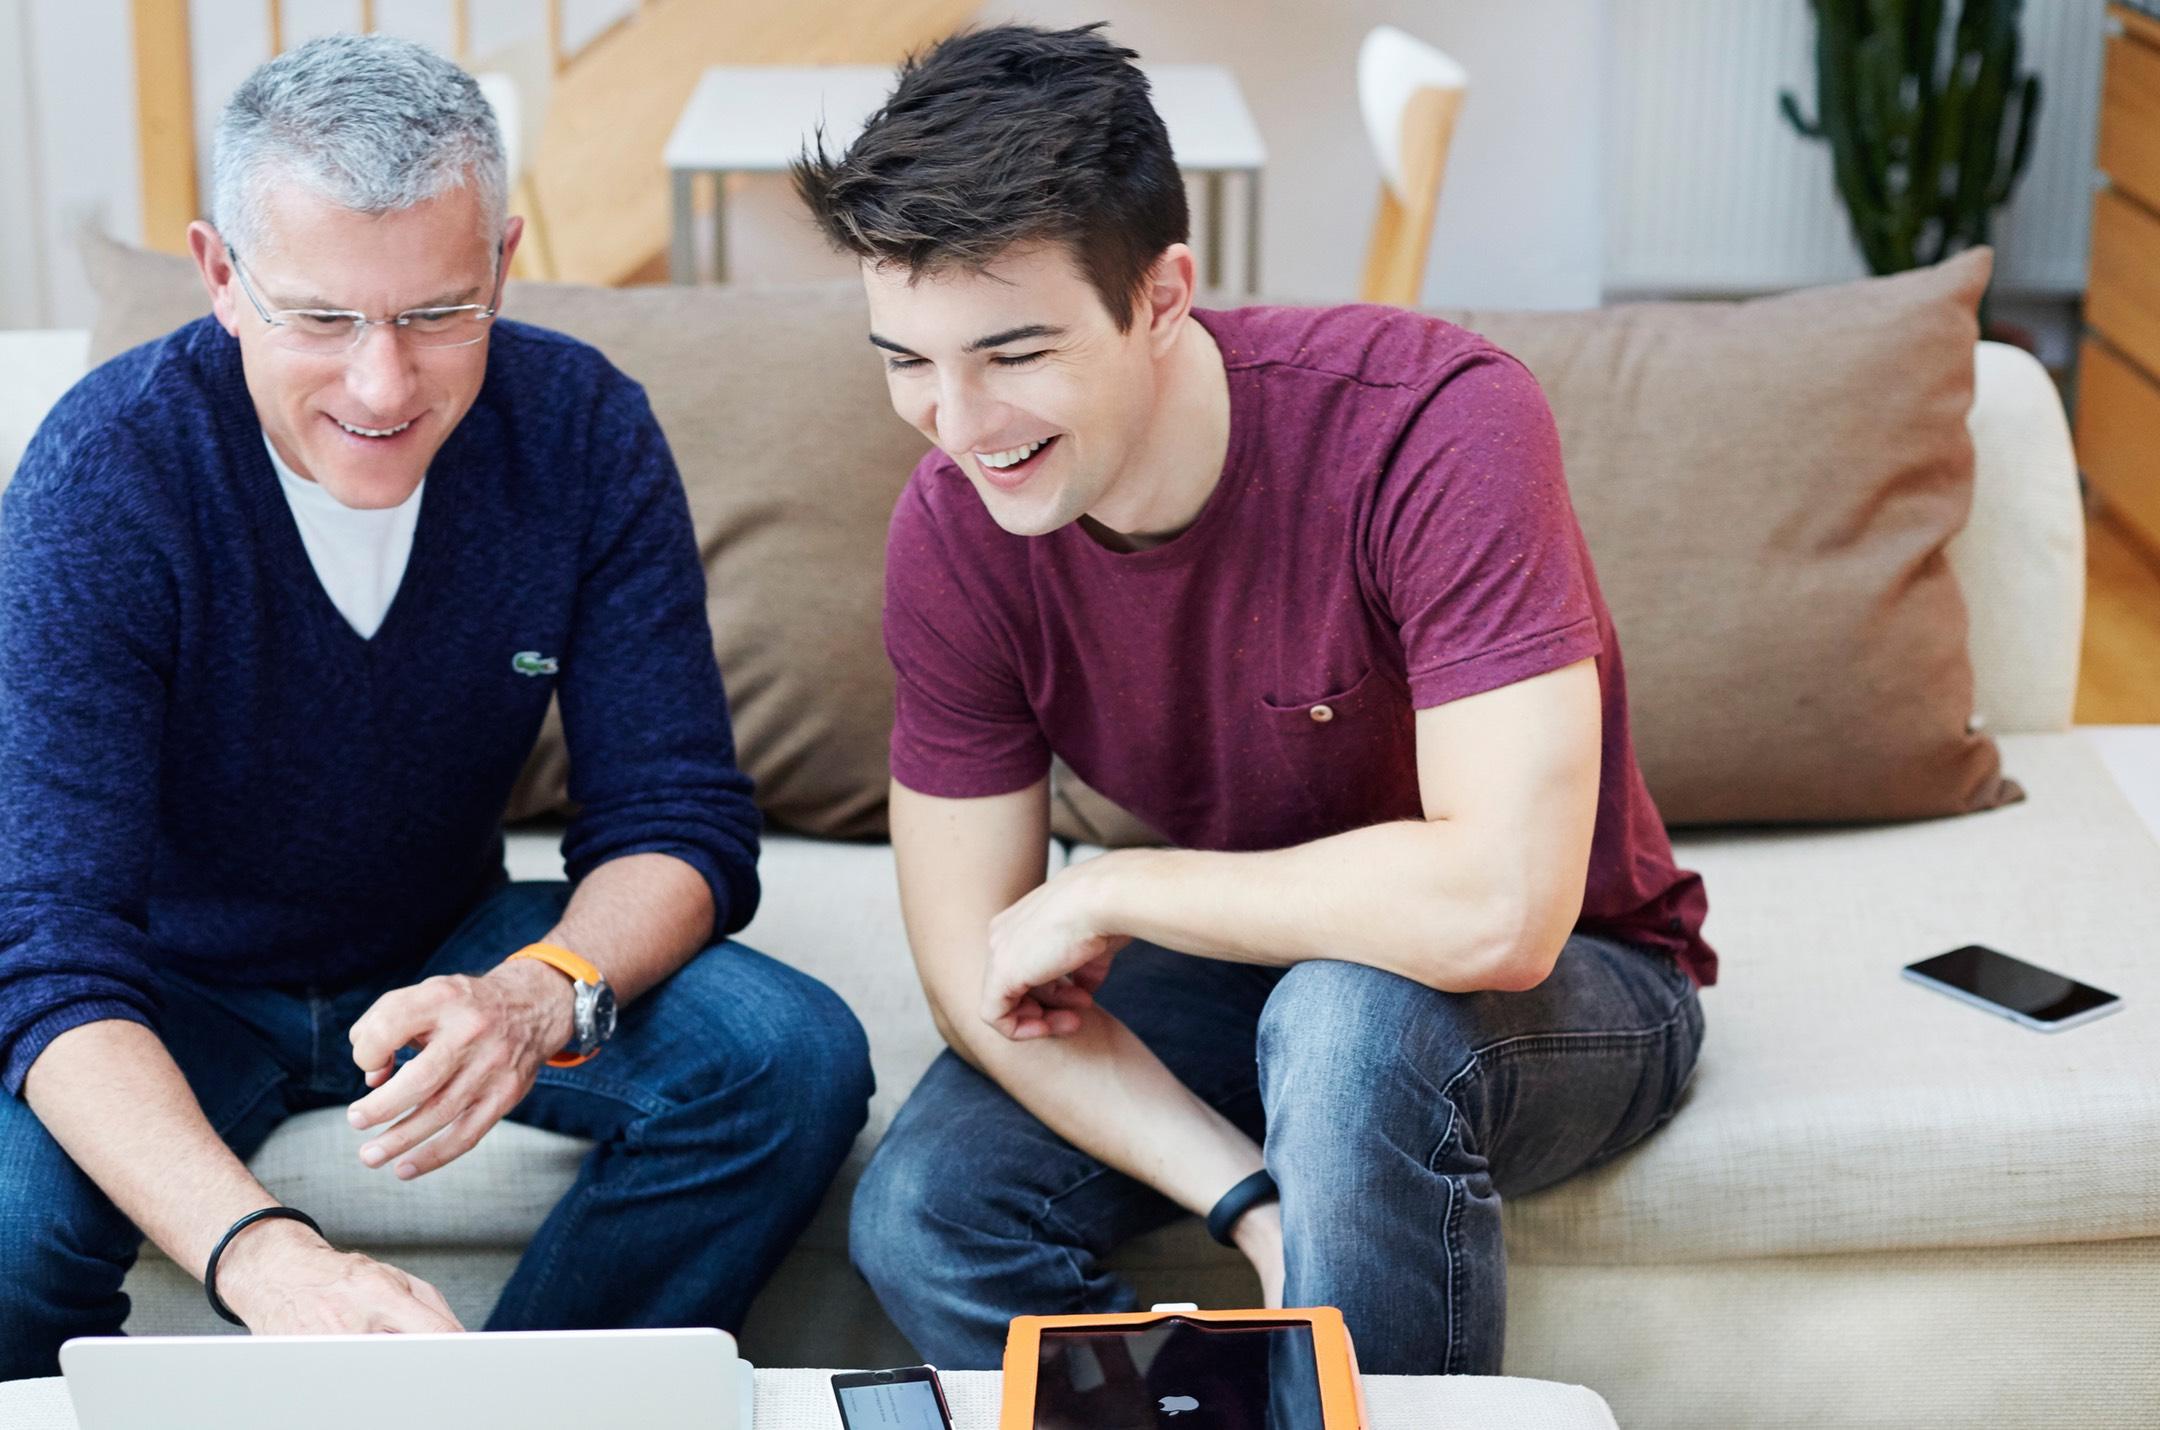 JOCR - Bei Deinen Problemen mit allen Geräten rund um Mac und iPhone stehen wir tatkräftig zur Seite. Von der einfachen Fragestellung und Betreuung am Telefon bis hin zum vor Ort Support greift JOCR unter die Arme und löst Probleme effizient und nachhaltig. Verlass Dich drauf!